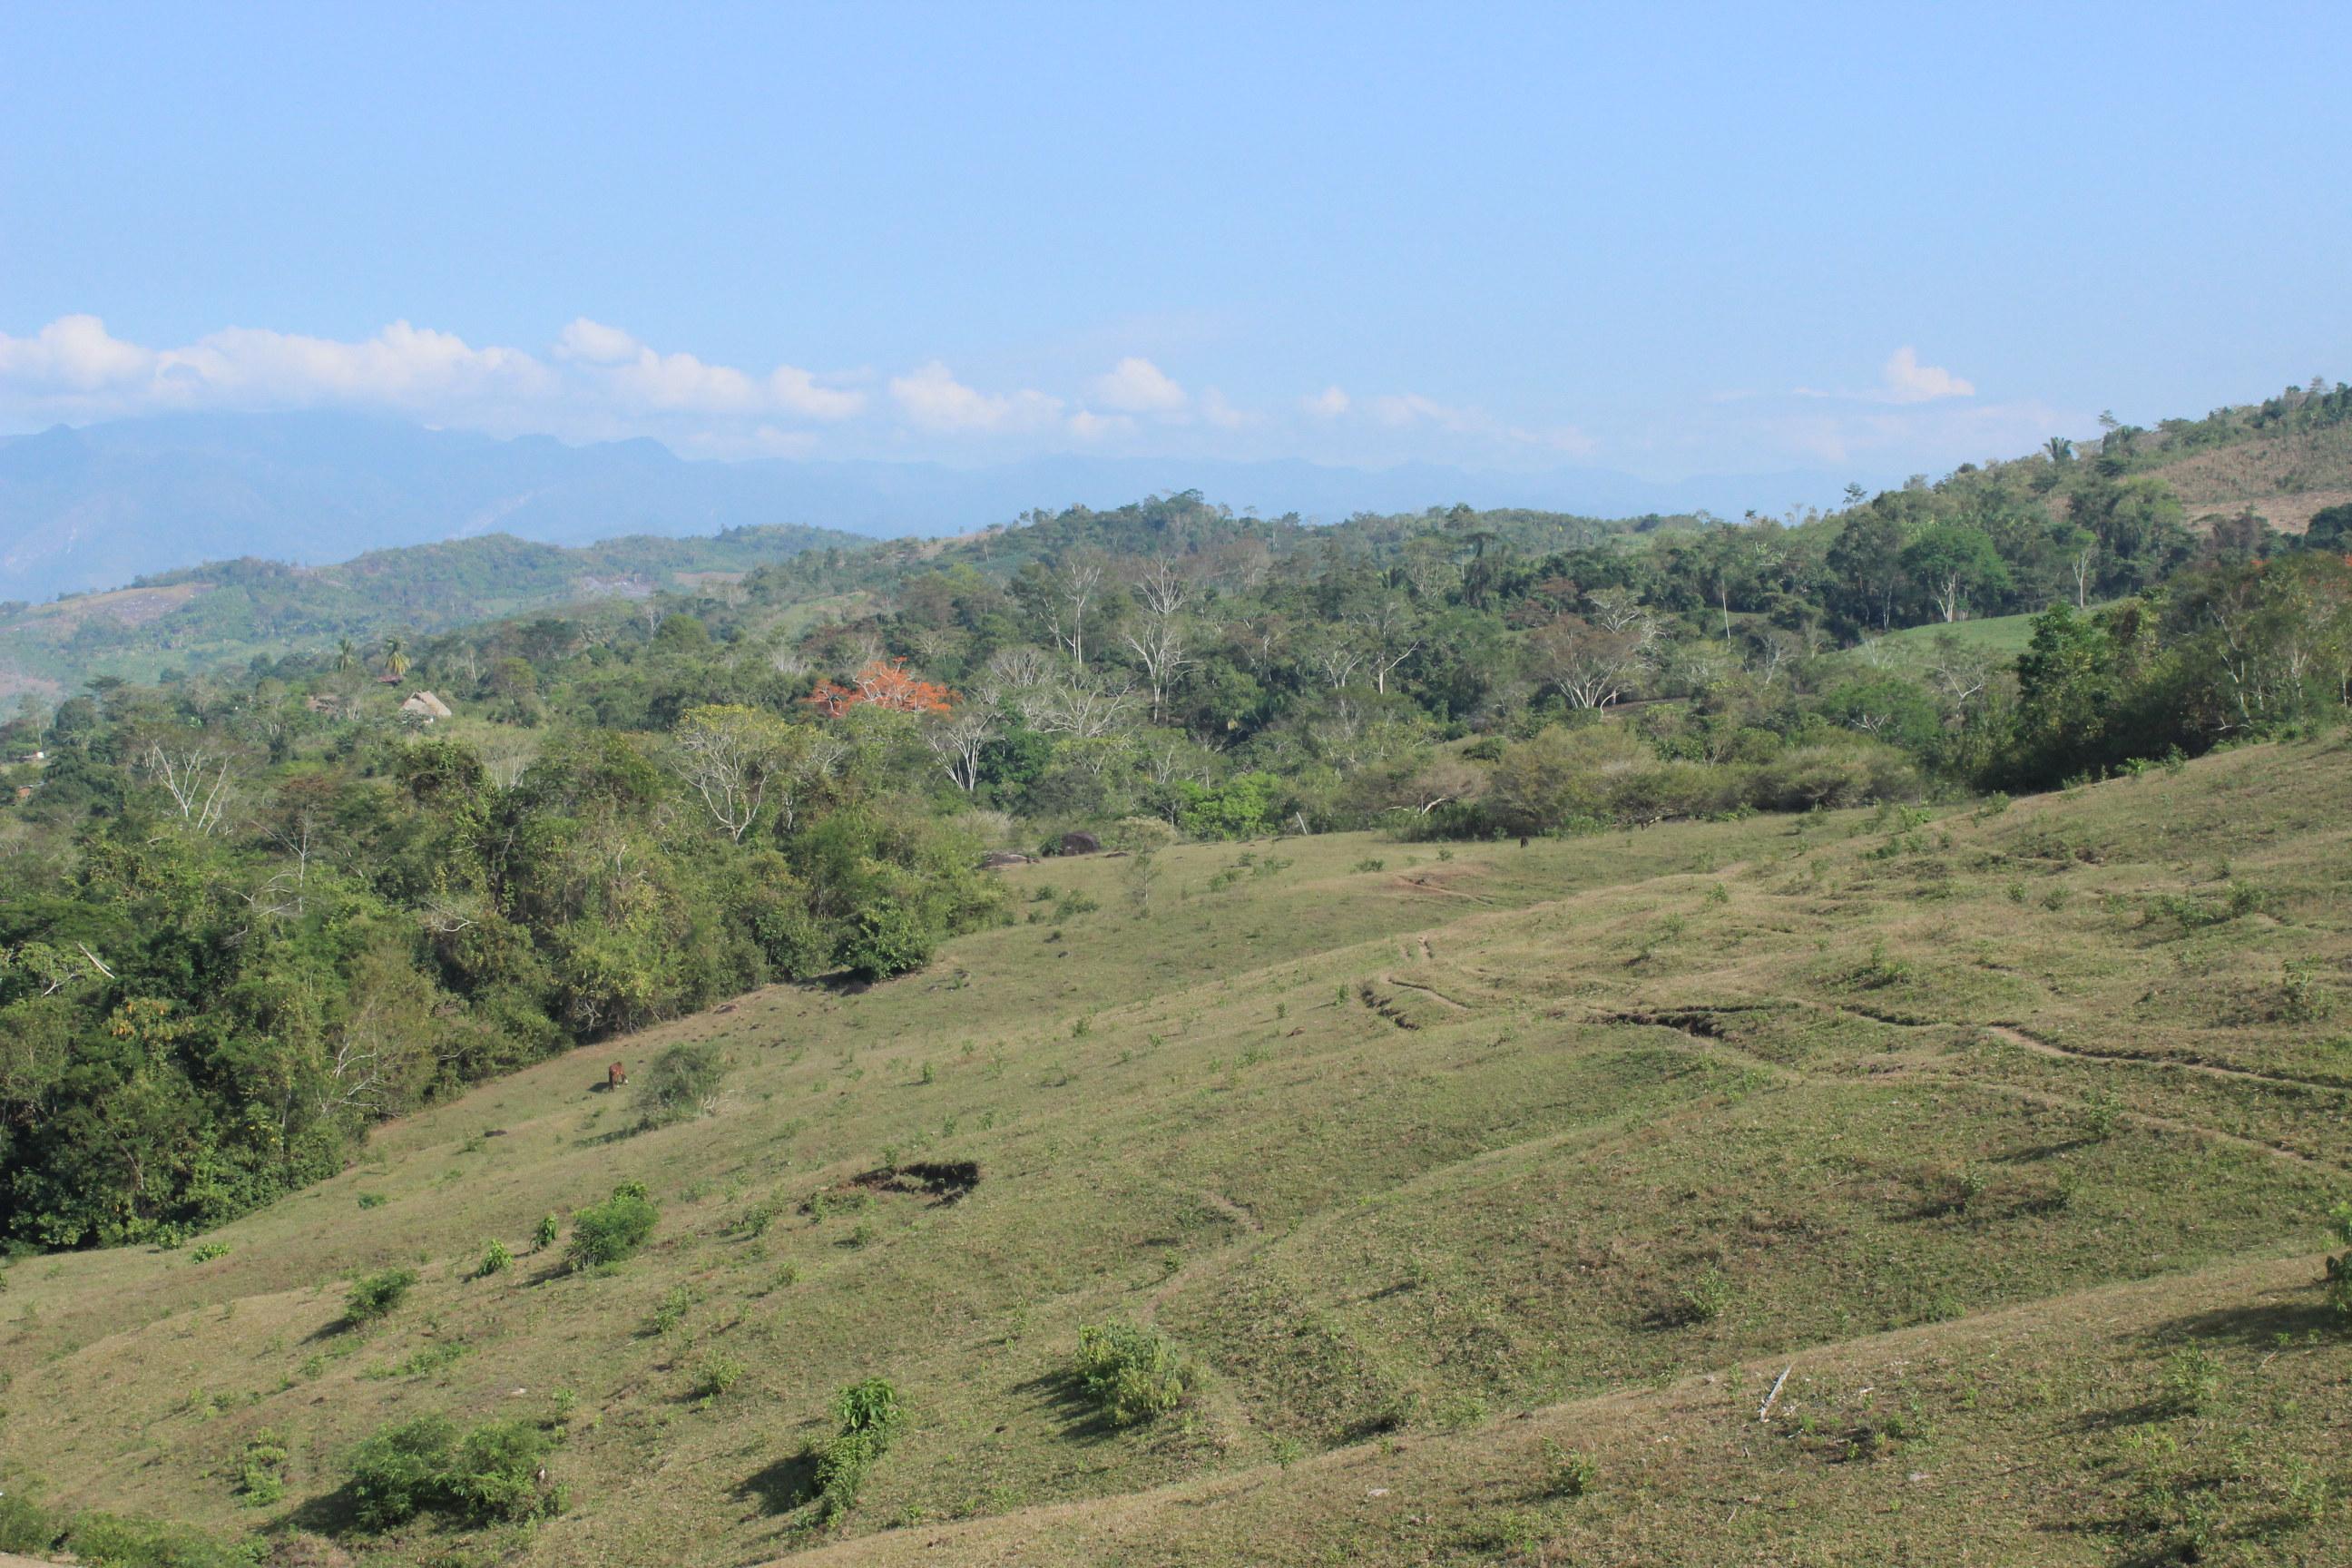 Vallee de Sisa au Pérou - Vue du nouveau terrain avant plantation